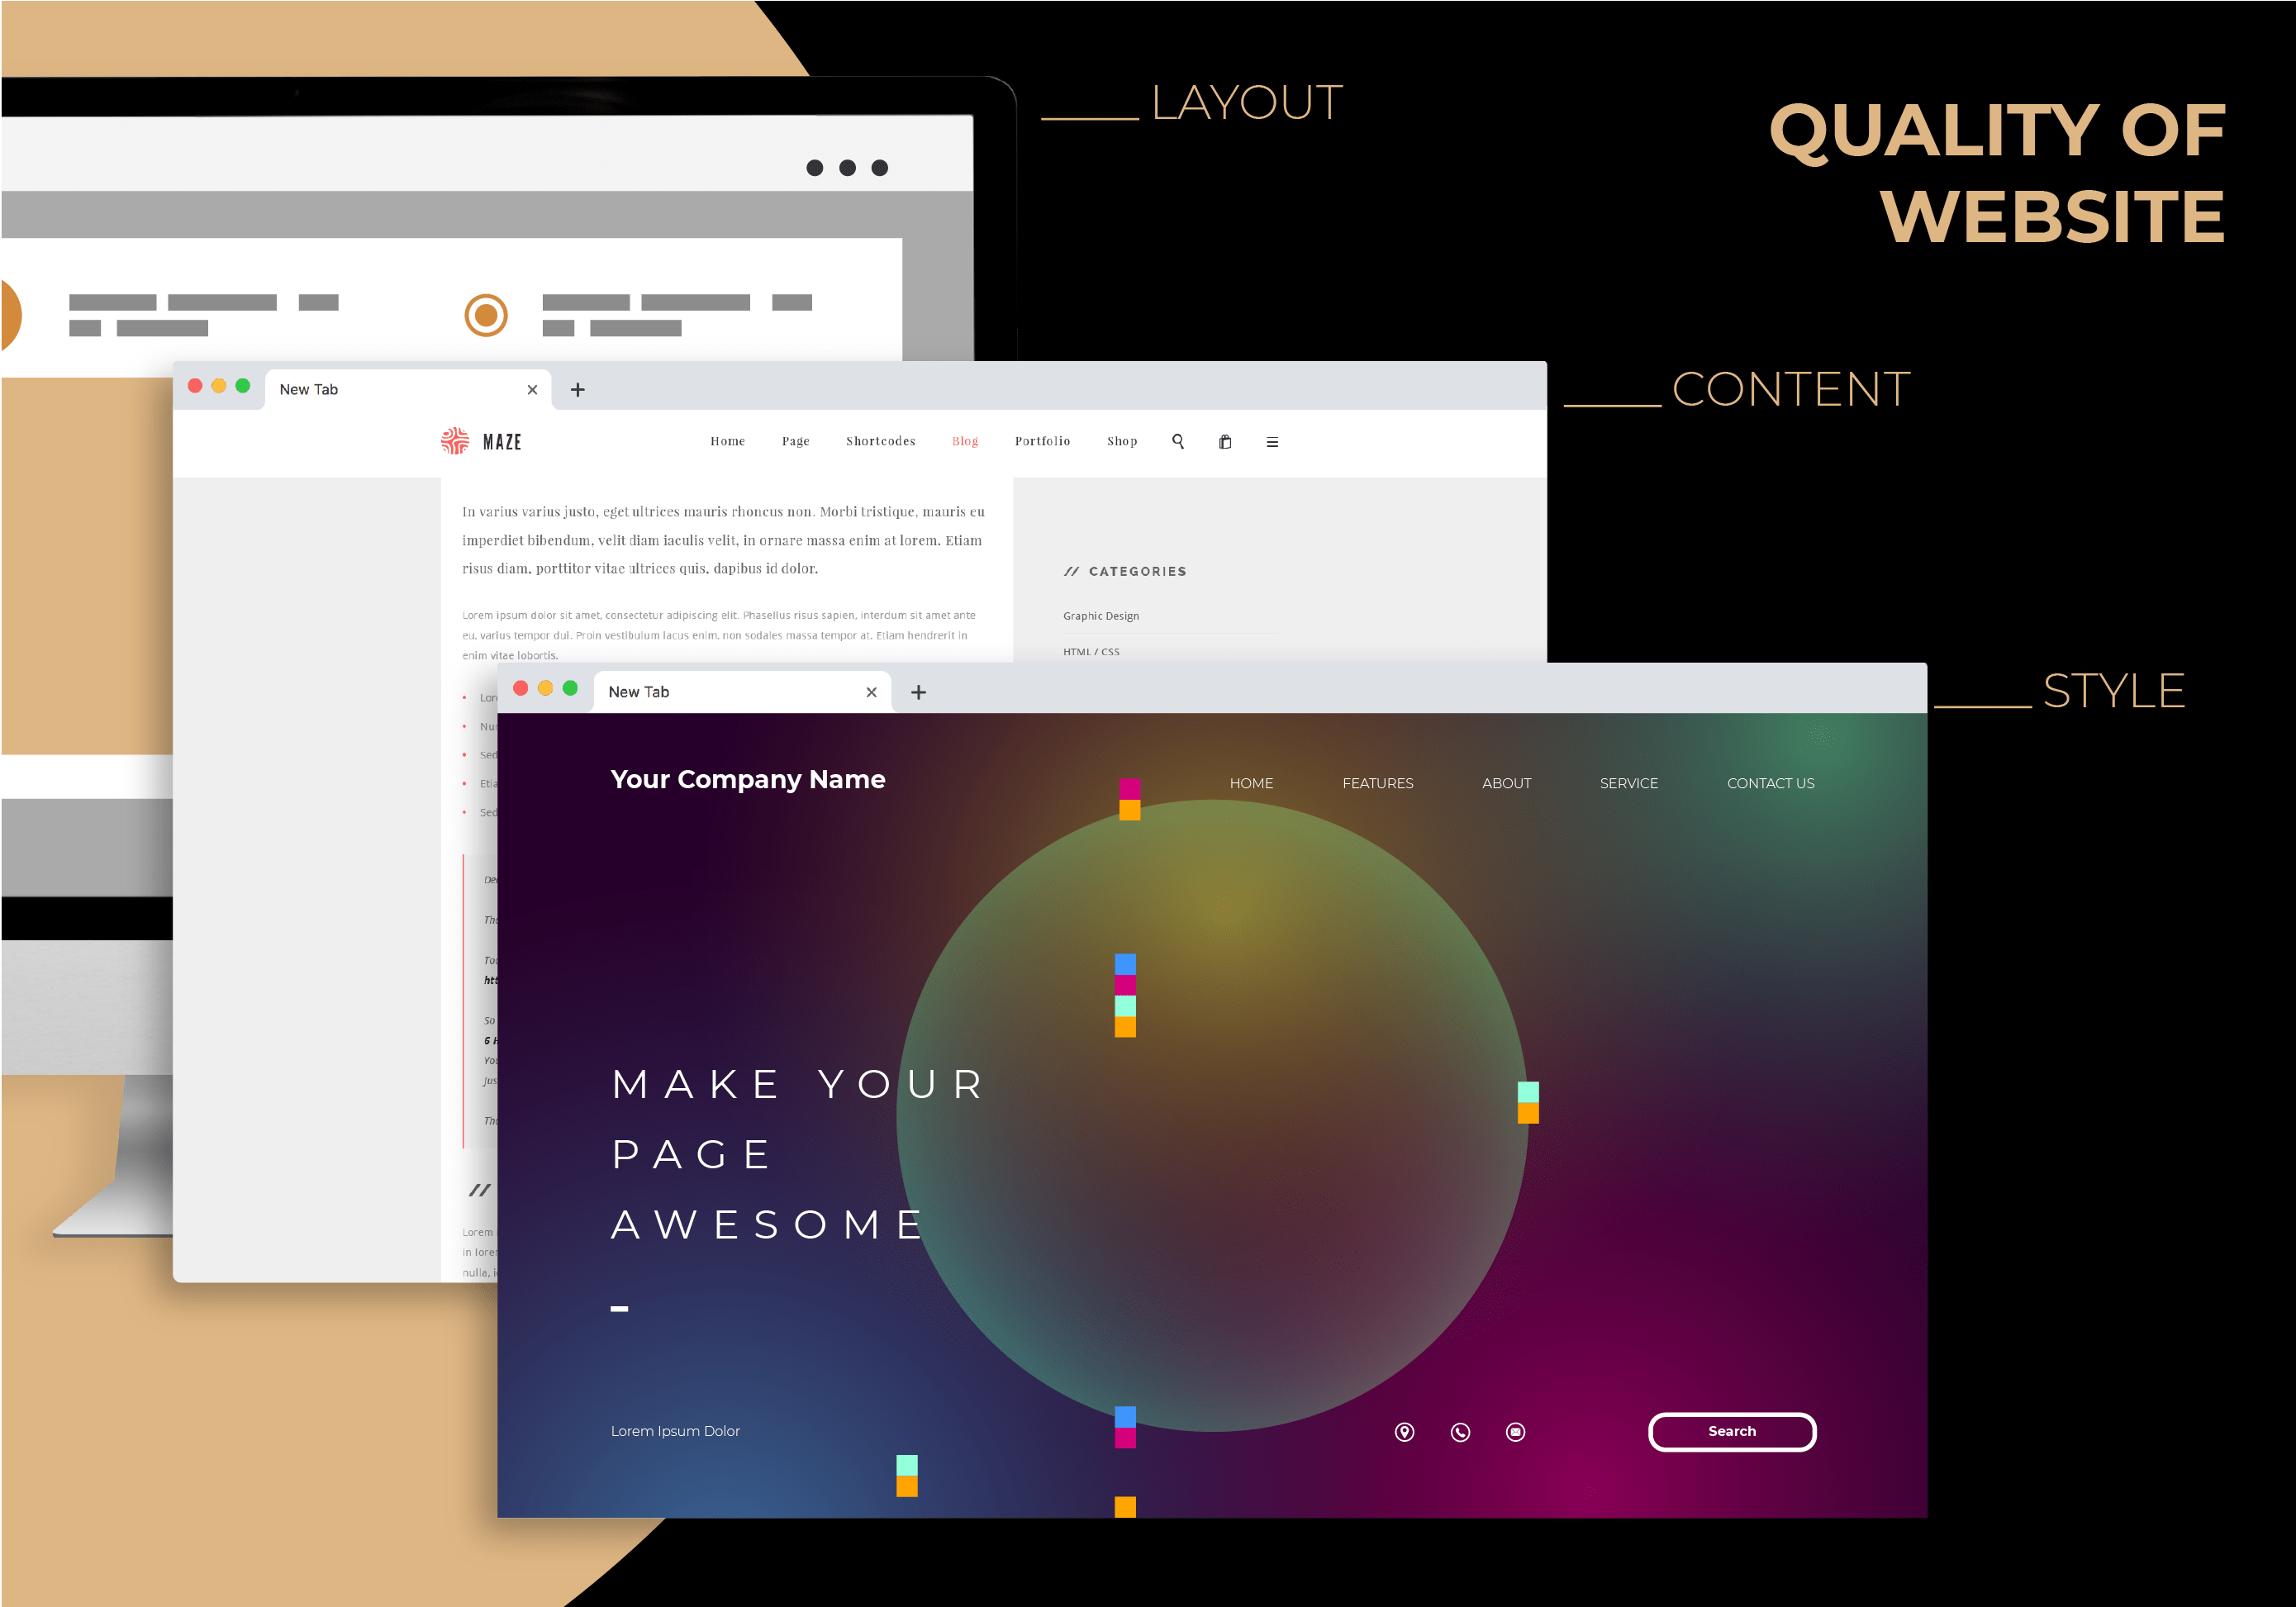 quality of website là gì